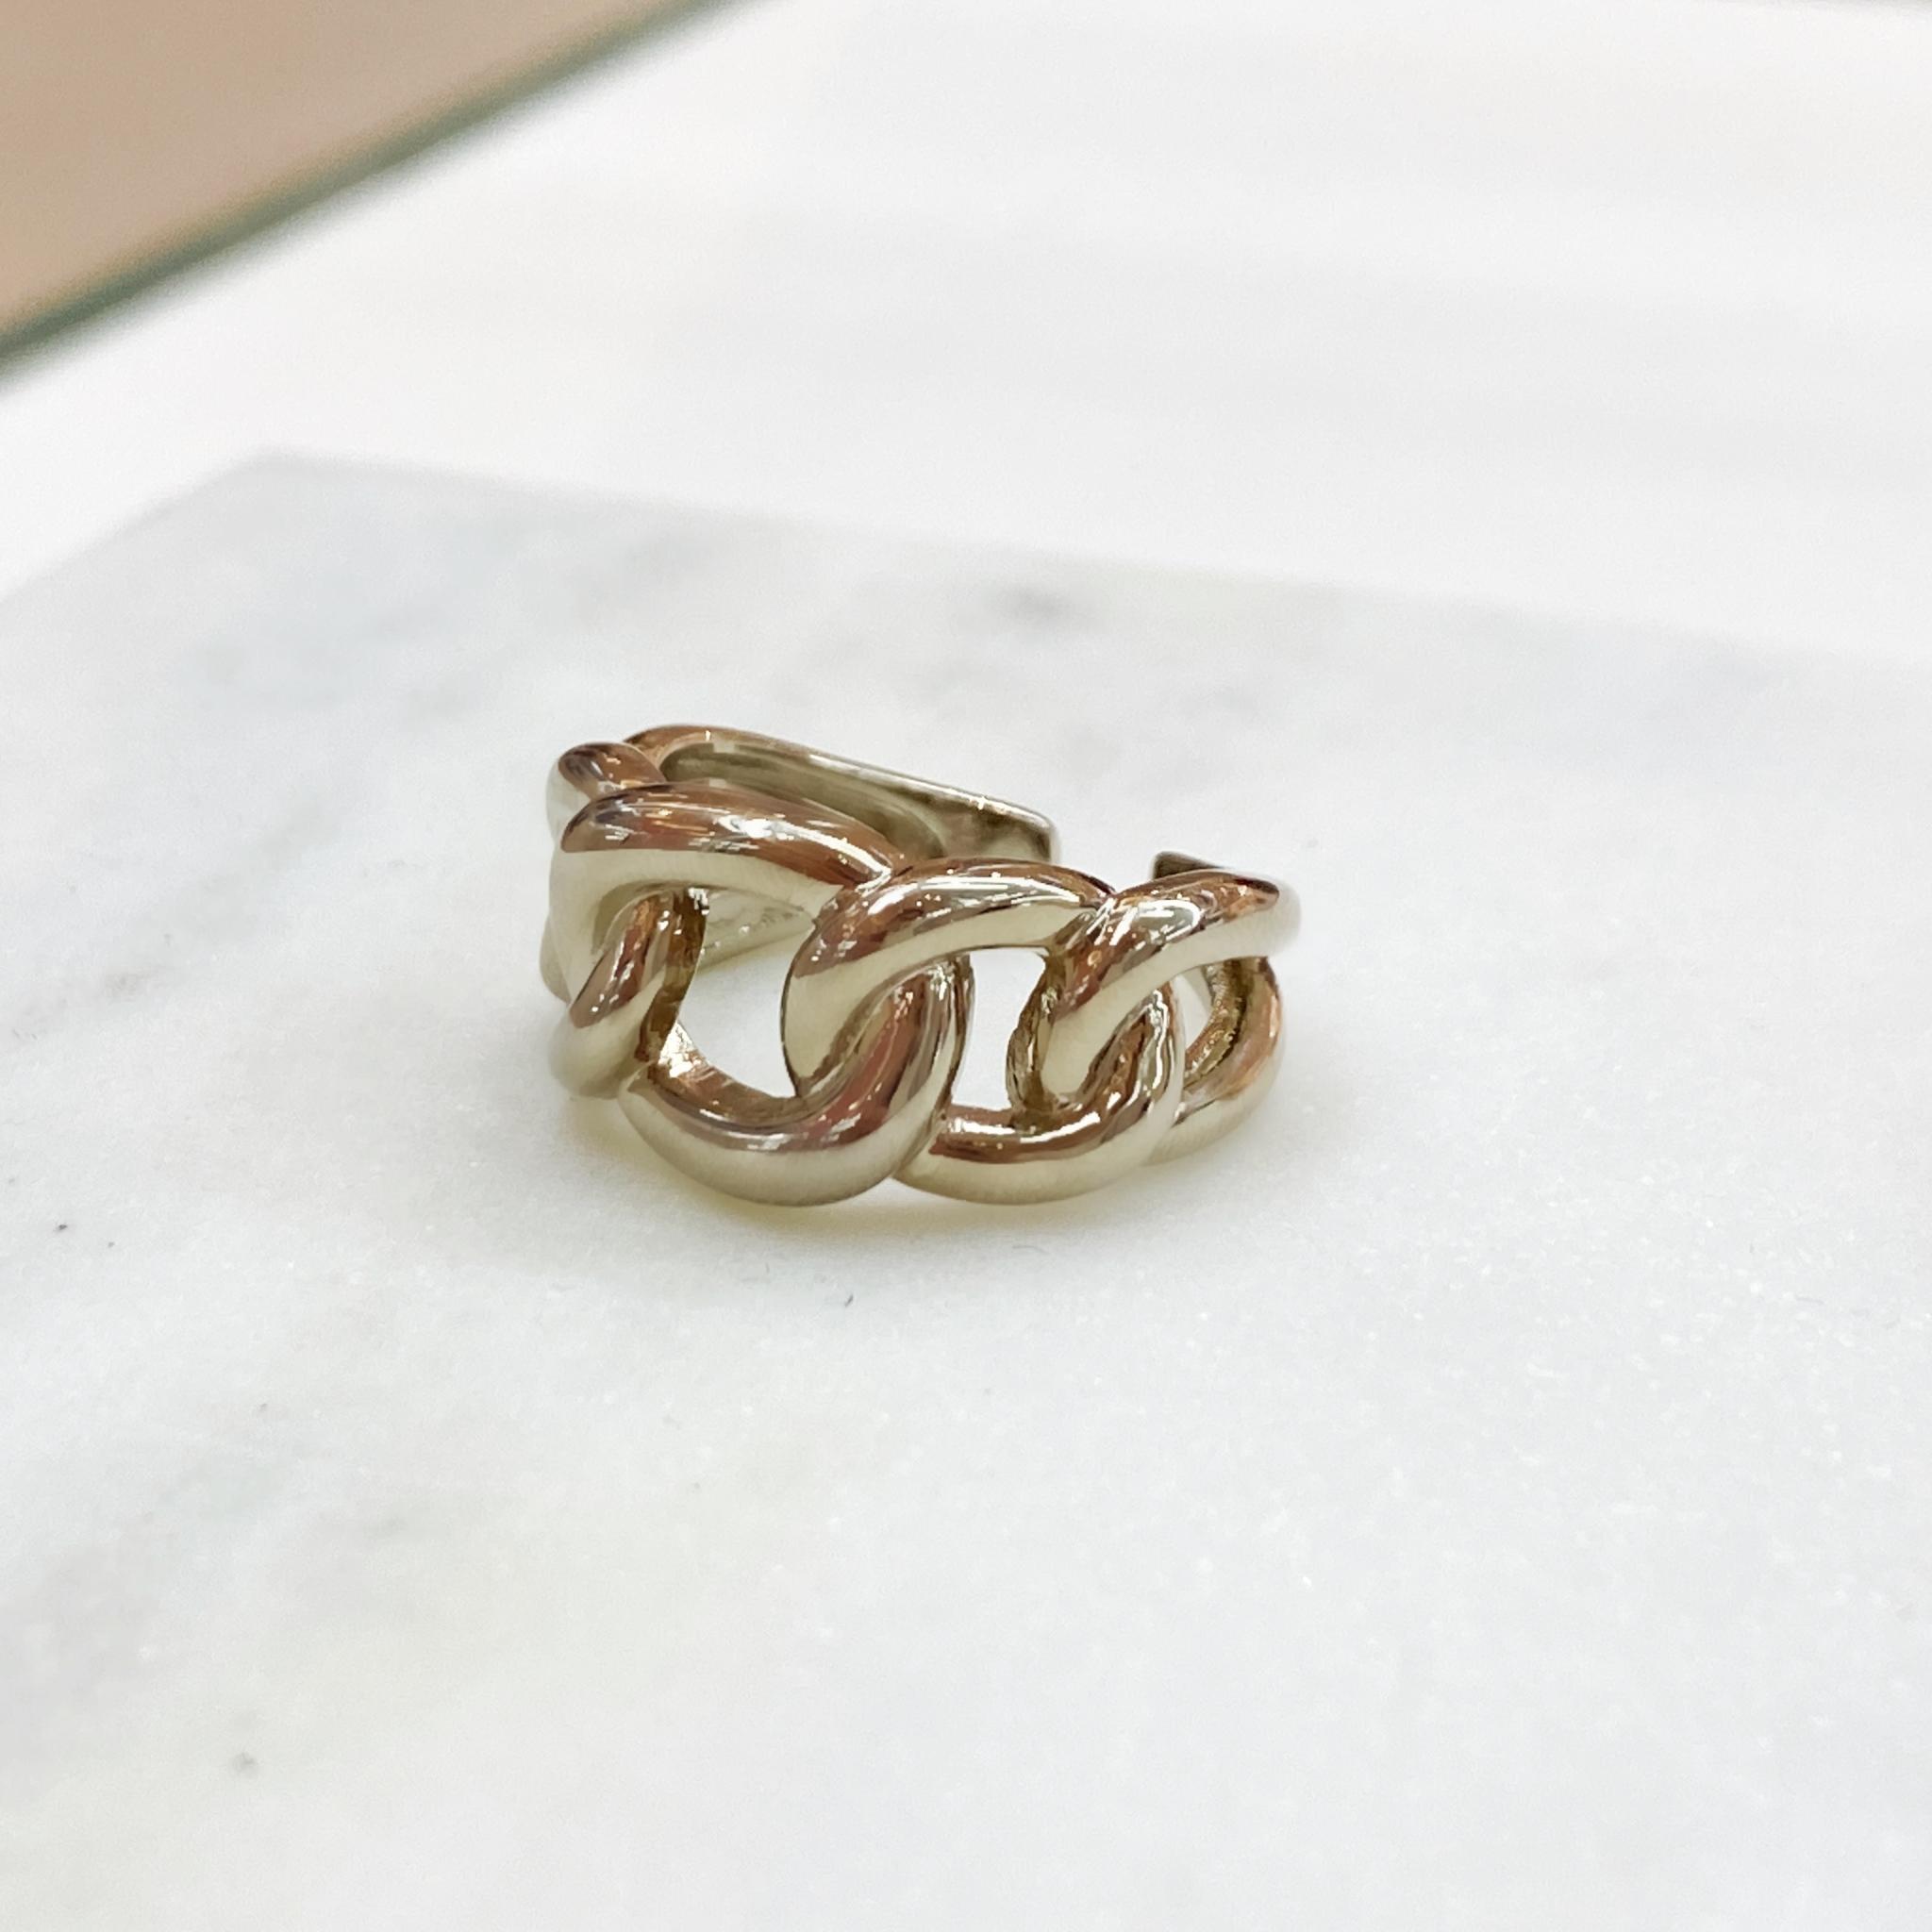 Кольцо Звенья free size (брасс)